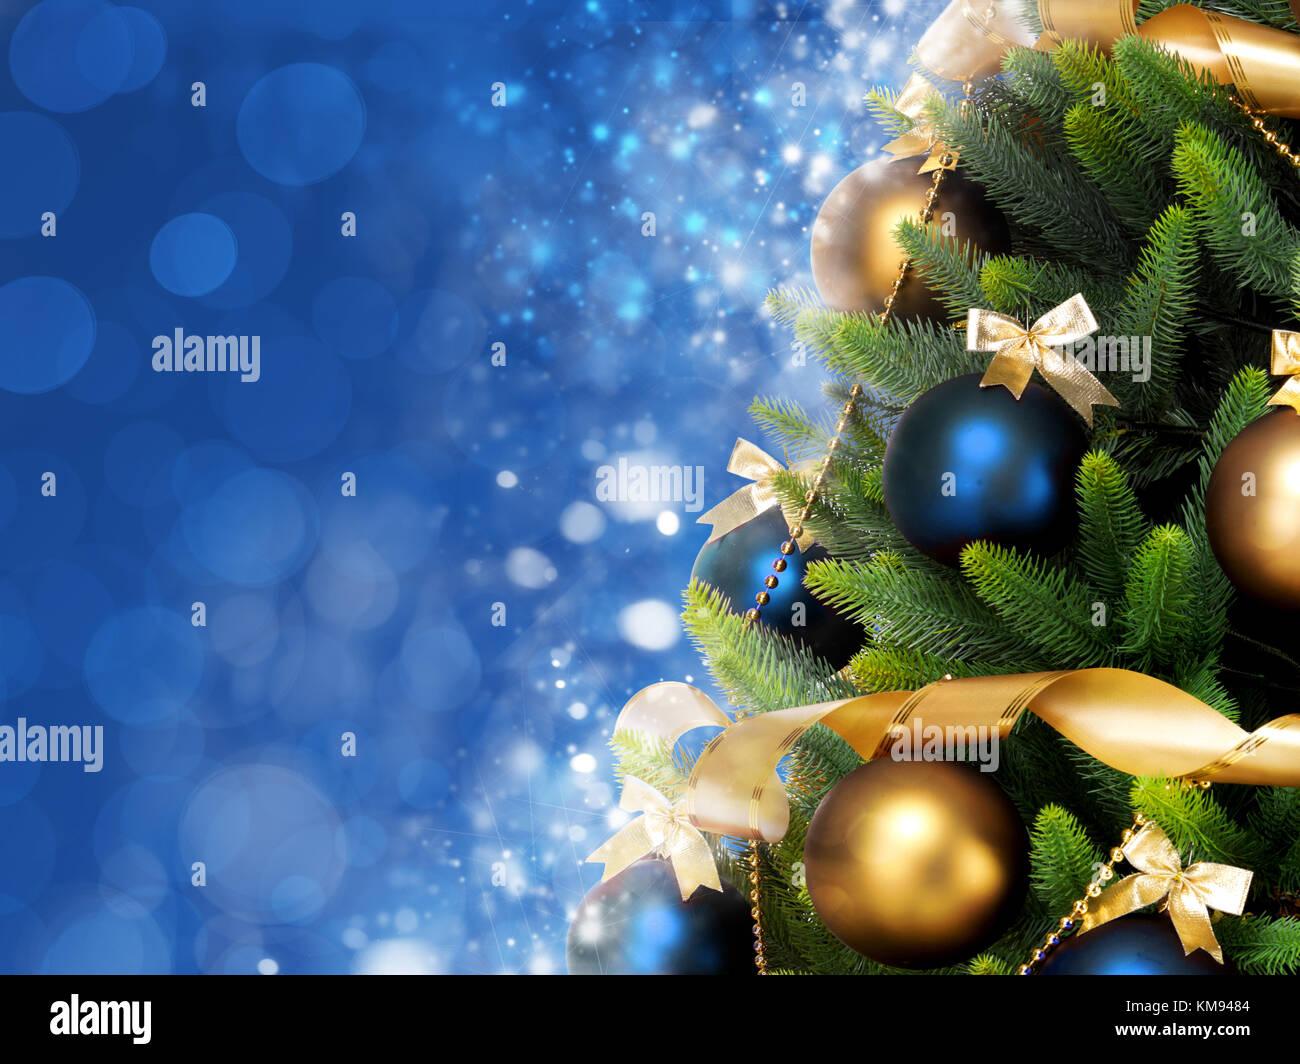 Albero Di Natale Con Decorazioni Blu : Magicamente albero di natale decorato con sfere nastri e festoni